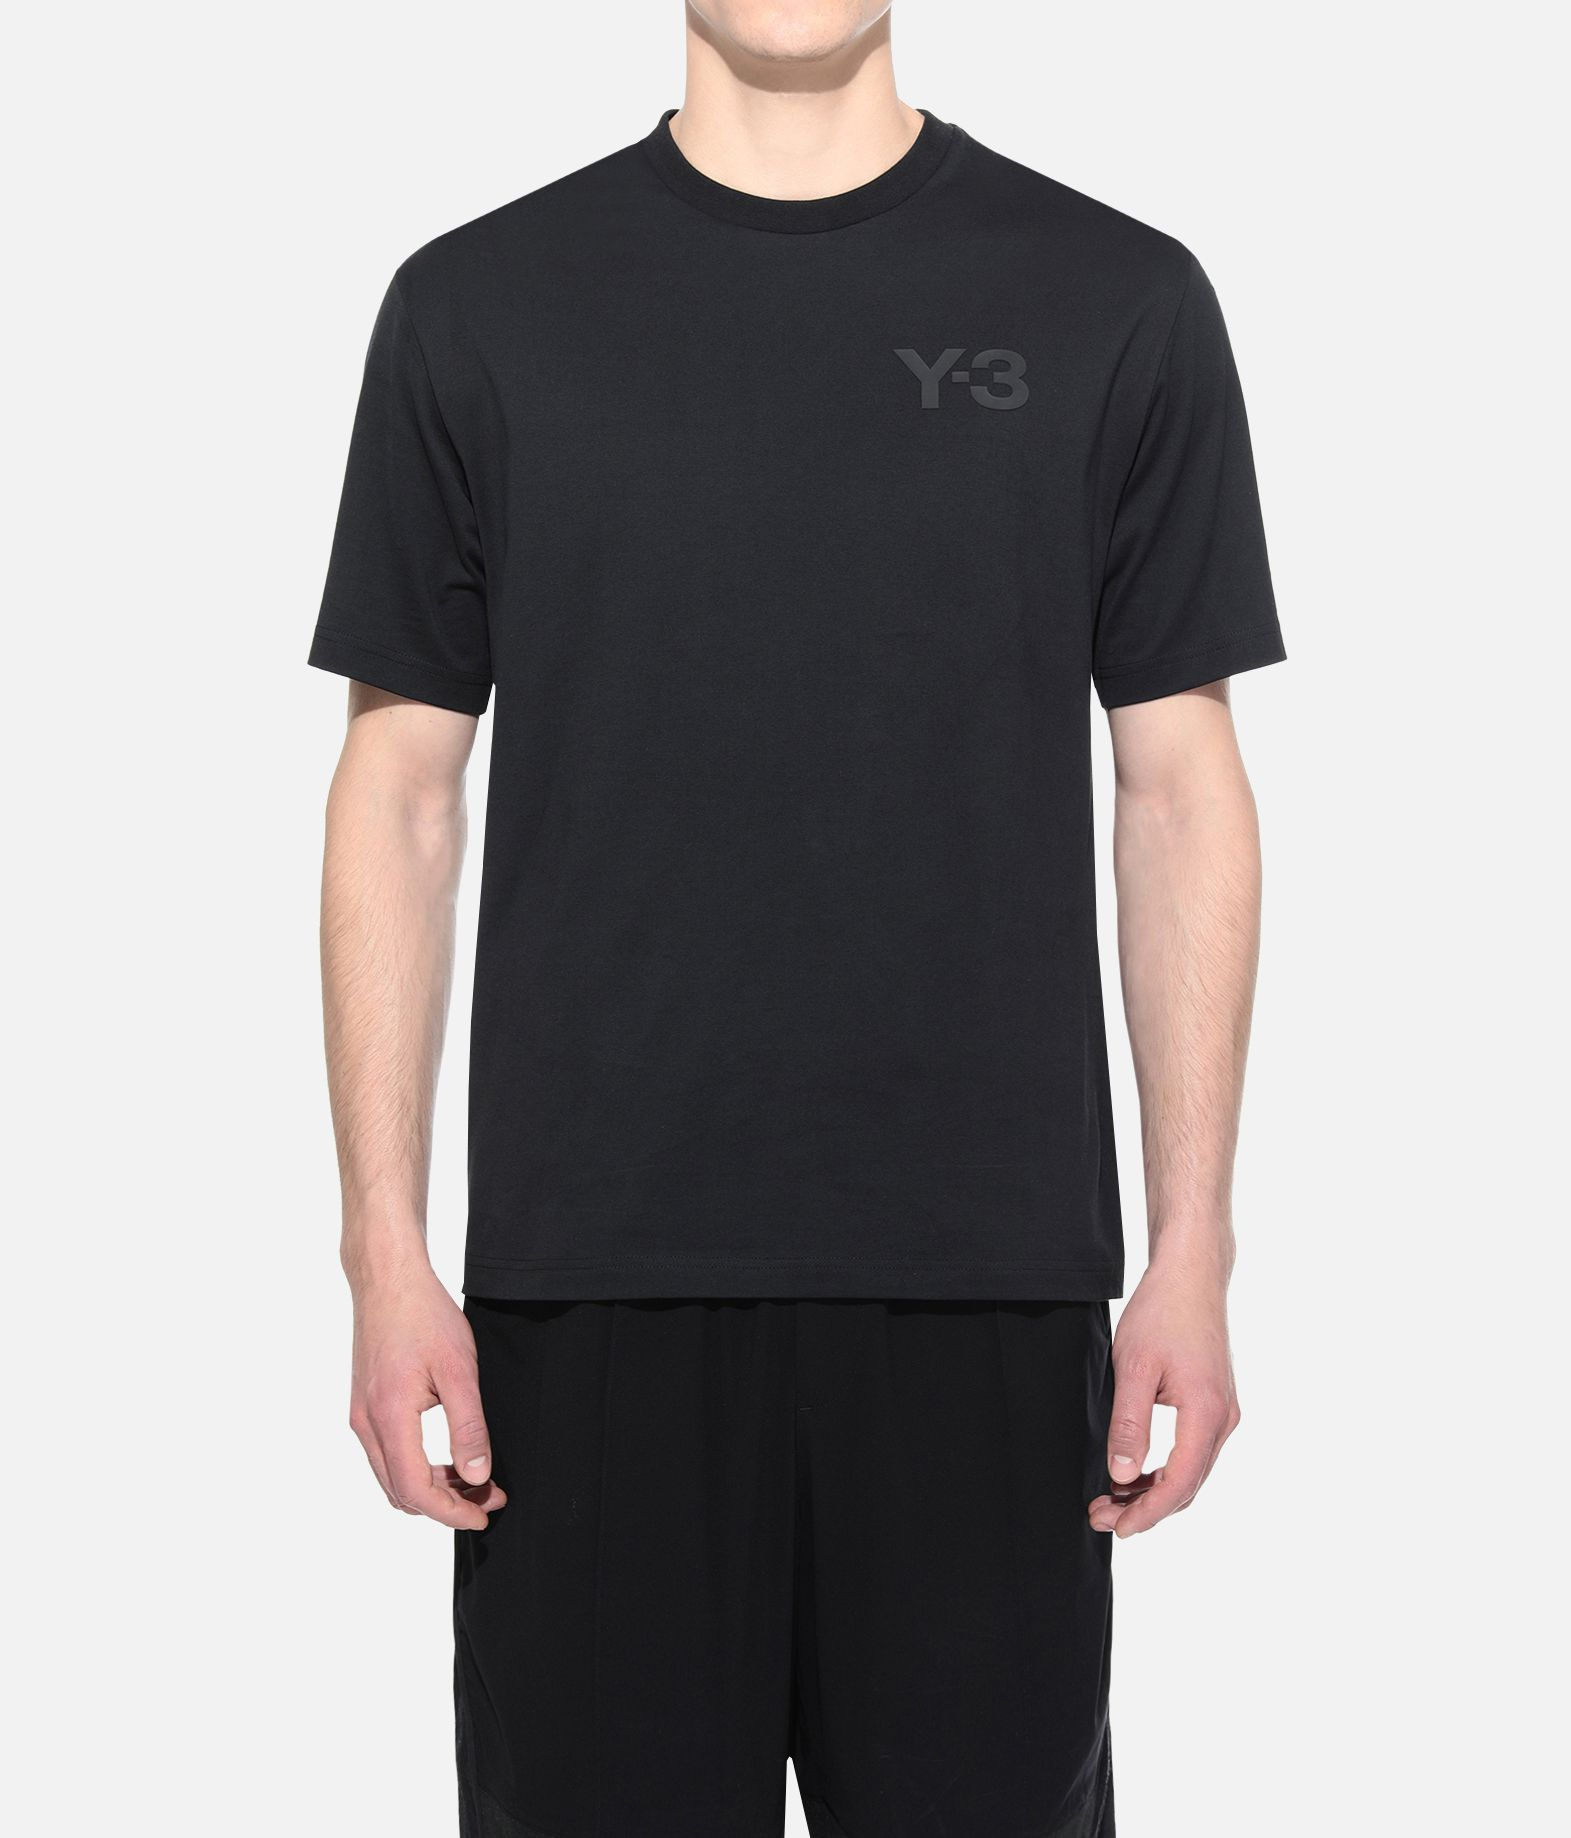 Y-3 Y-3 Logo Tee Kurzärmliges T-shirt Herren r